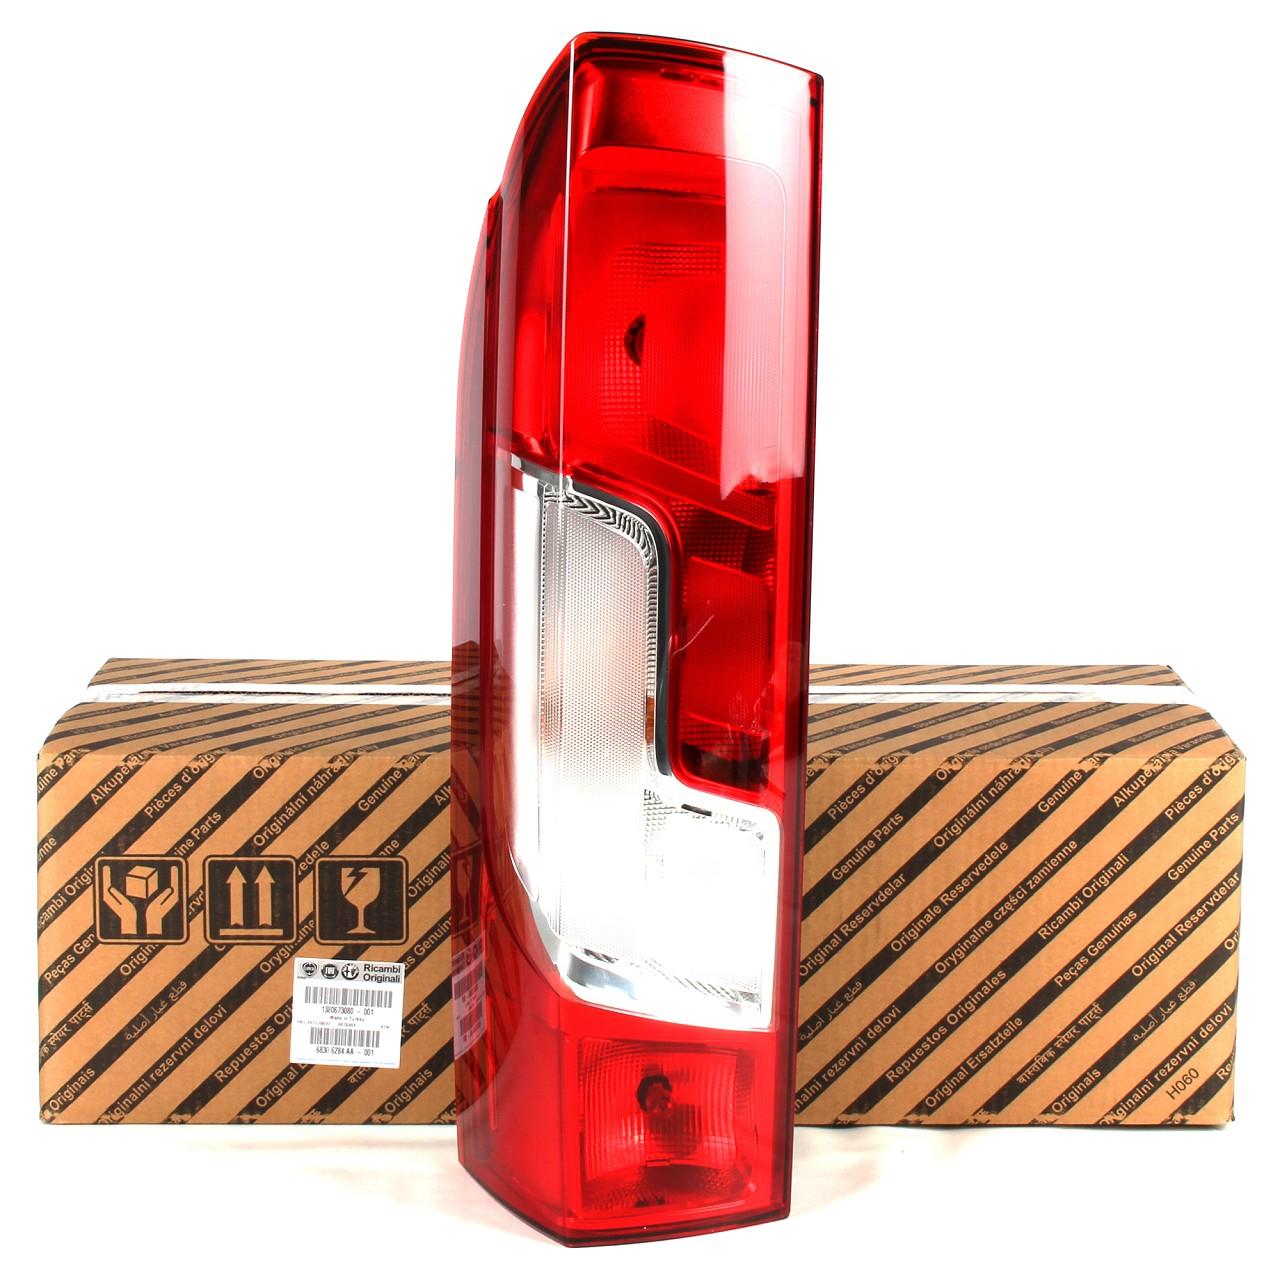 ORIGINAL Fiat Heckleuchte Rückleuchte LINKS 1380673080 für DUCATO (250_, 290_)